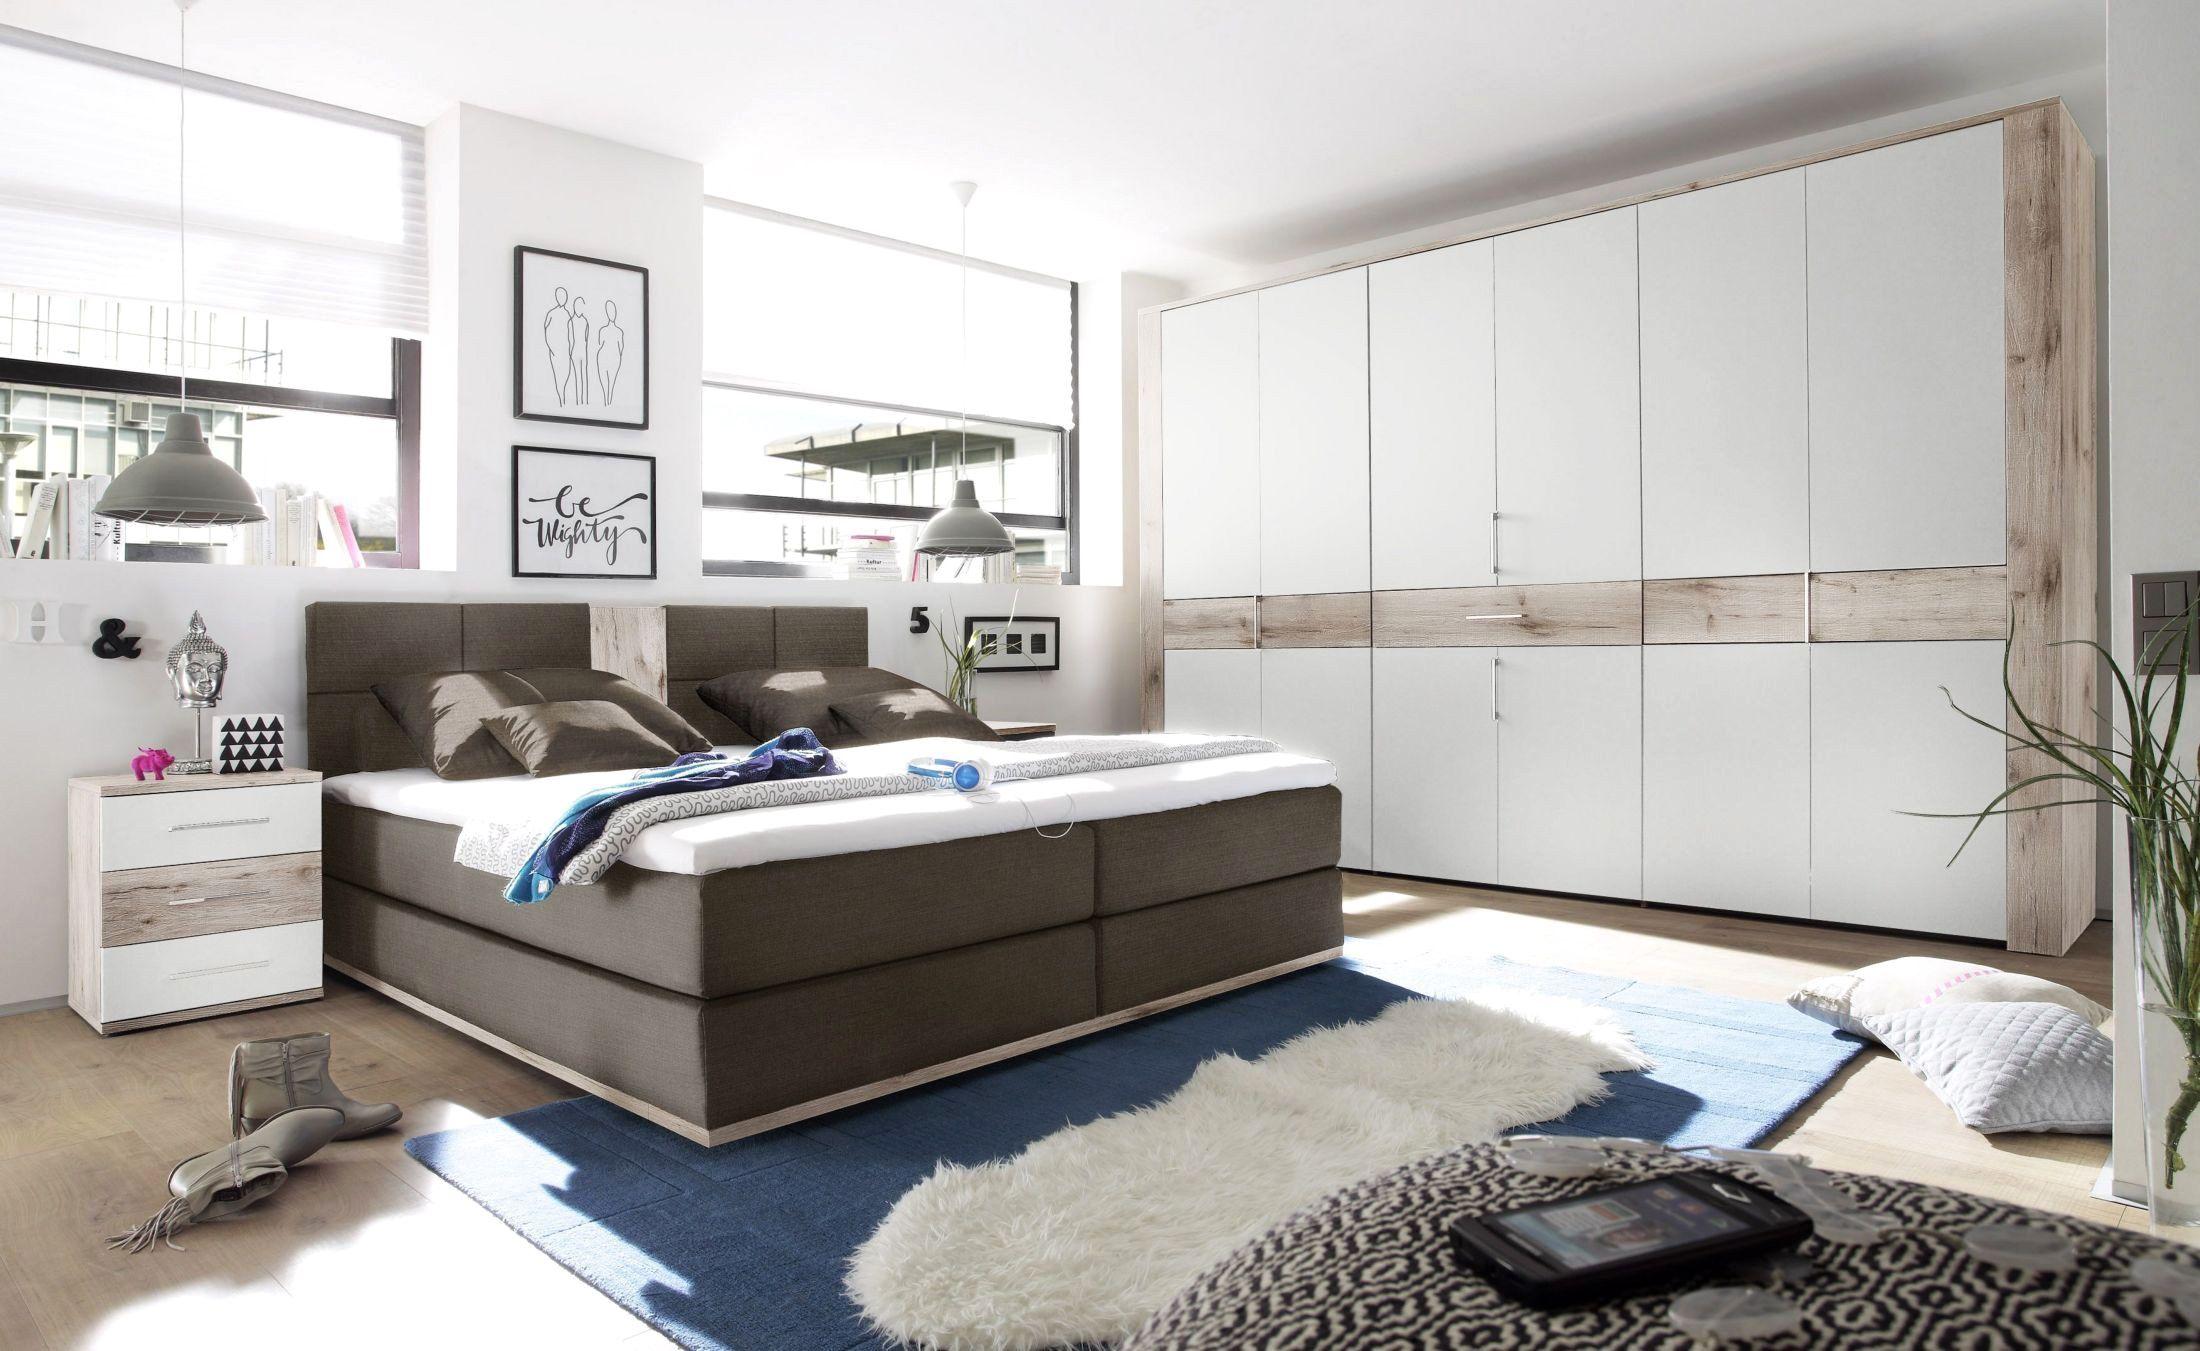 Nett schlafzimmer set boxspringbett | Deutsche Deko | Pinterest ...